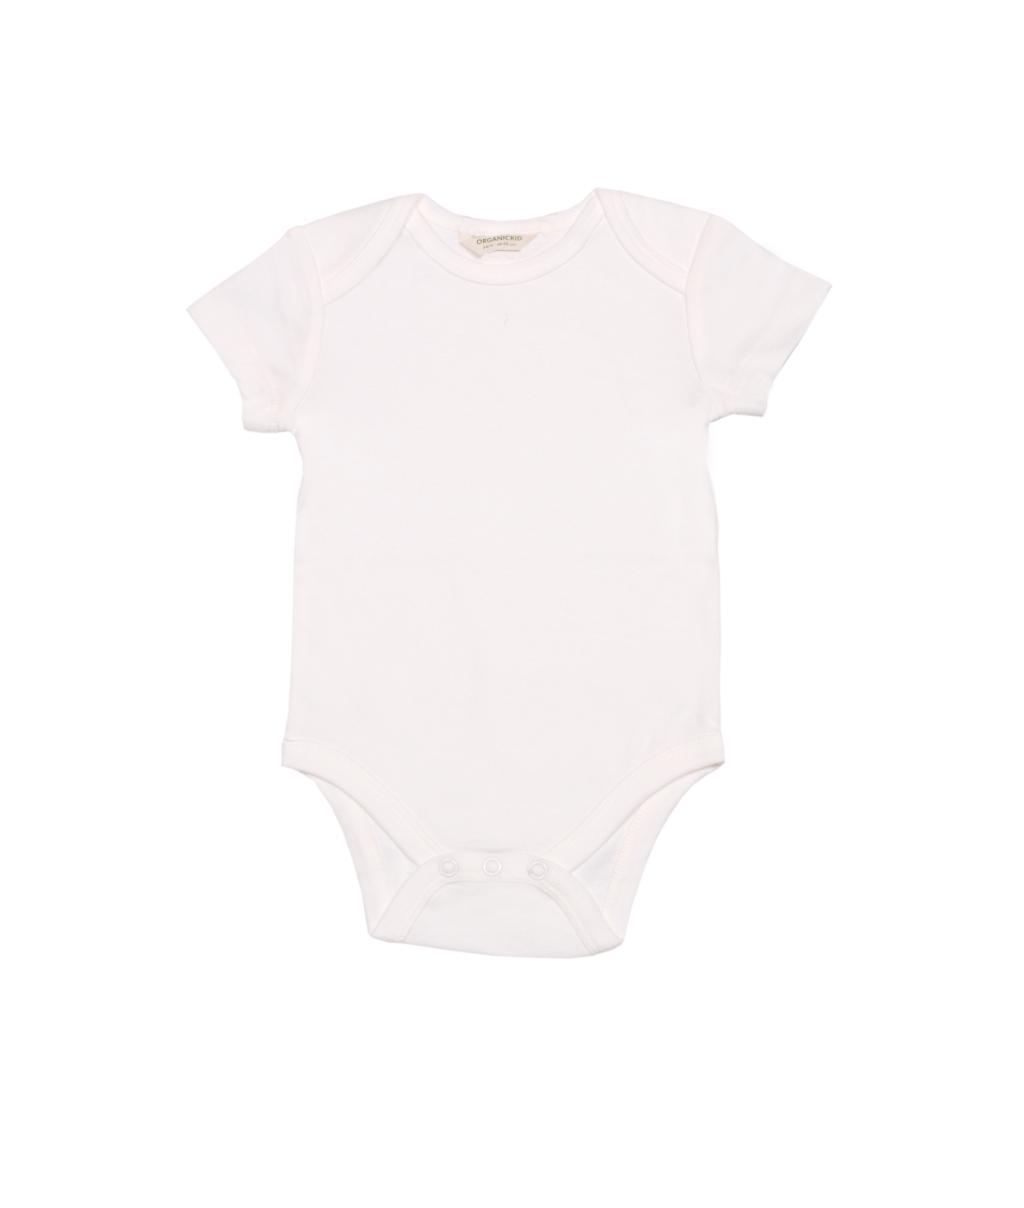 Acute Baby - Geometry Geek -